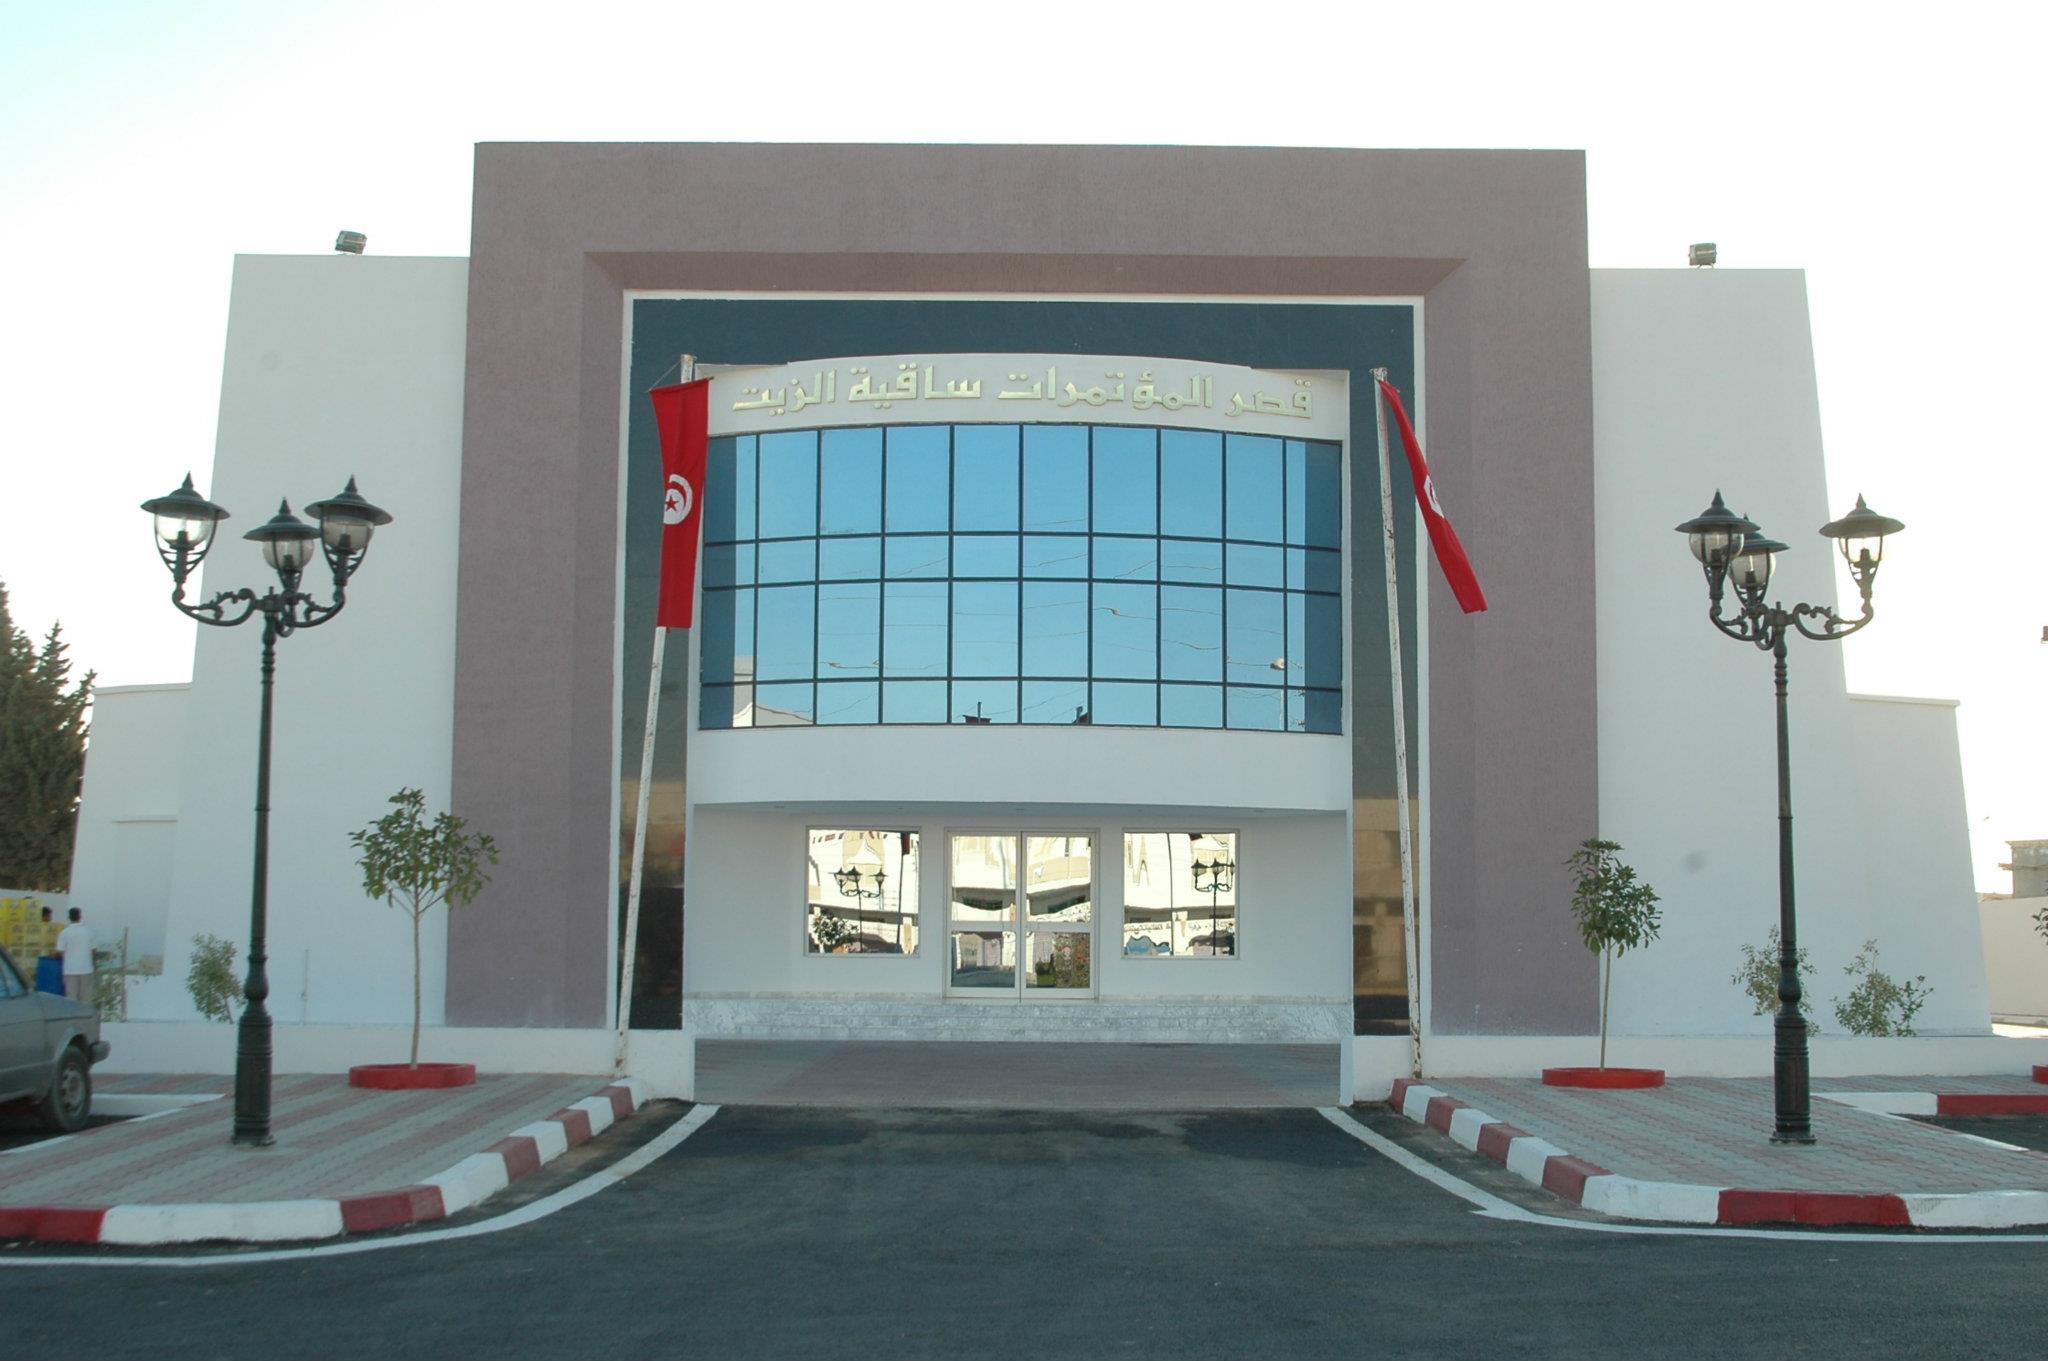 بلدية ساقية الزيت - قصر المؤتمرات